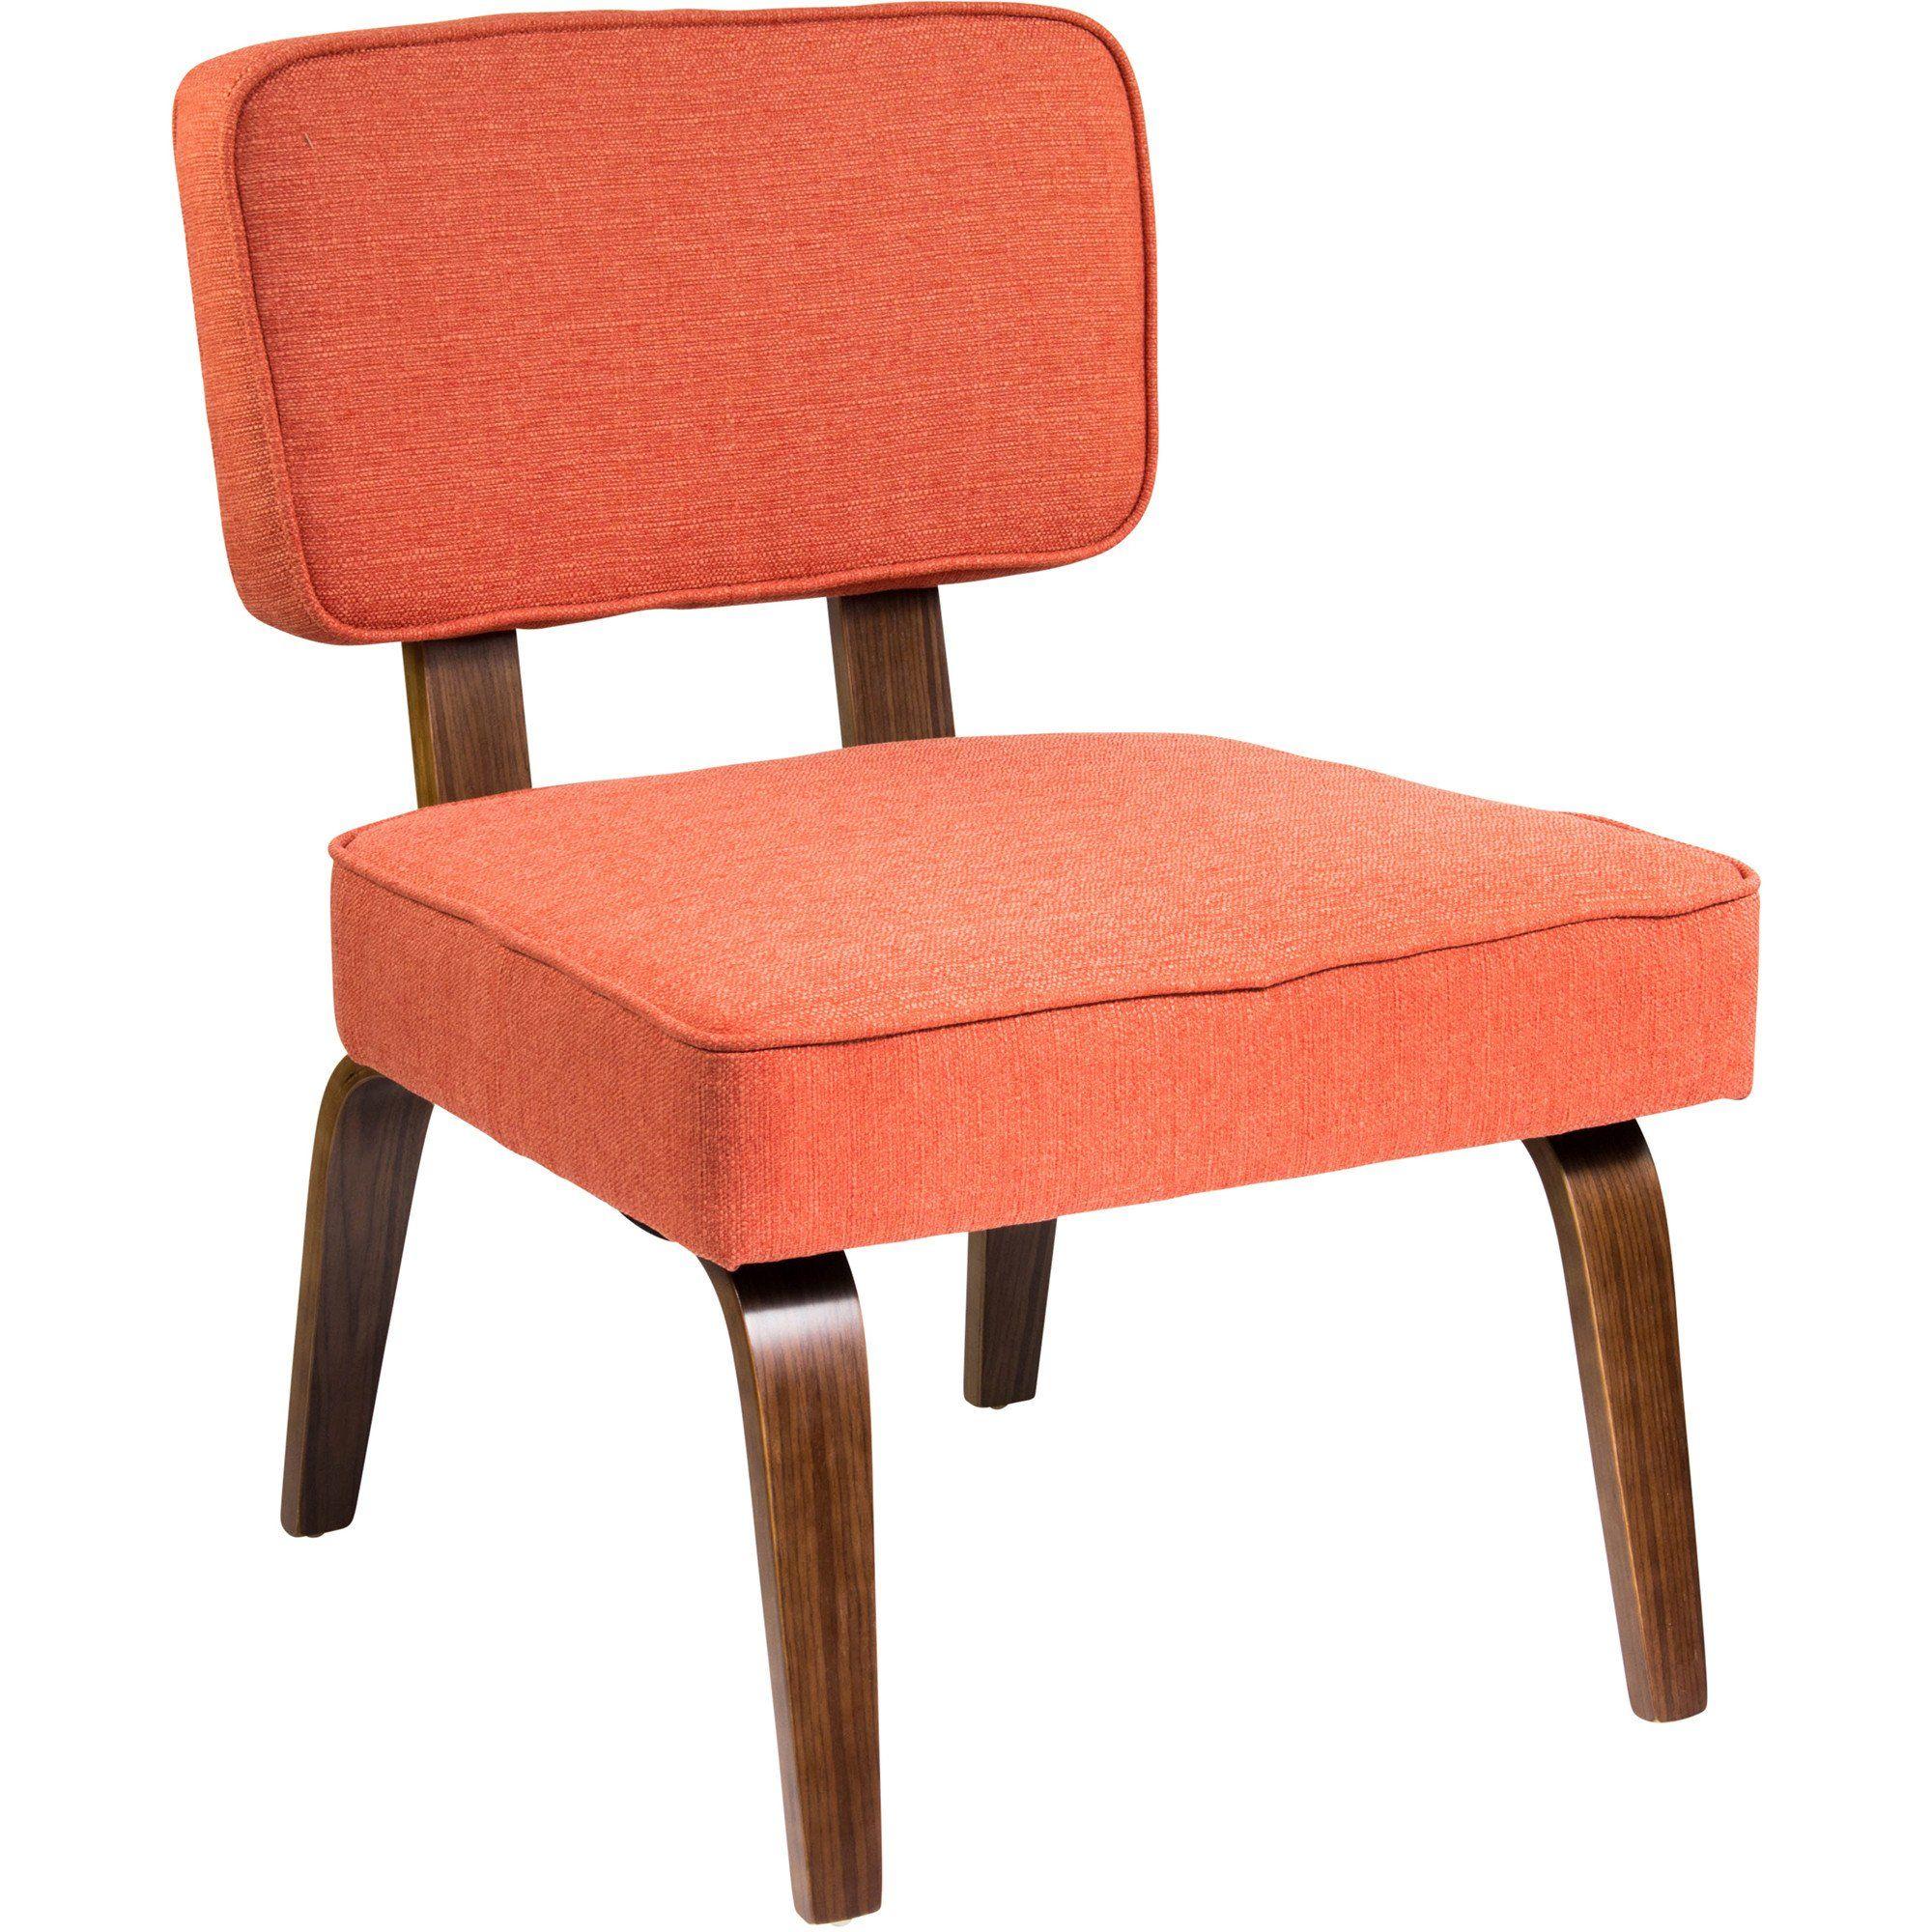 Deep Accent Cheap Chair: Nunzio Mid-Century Modern Accent Chair, Deep Orange Fabric